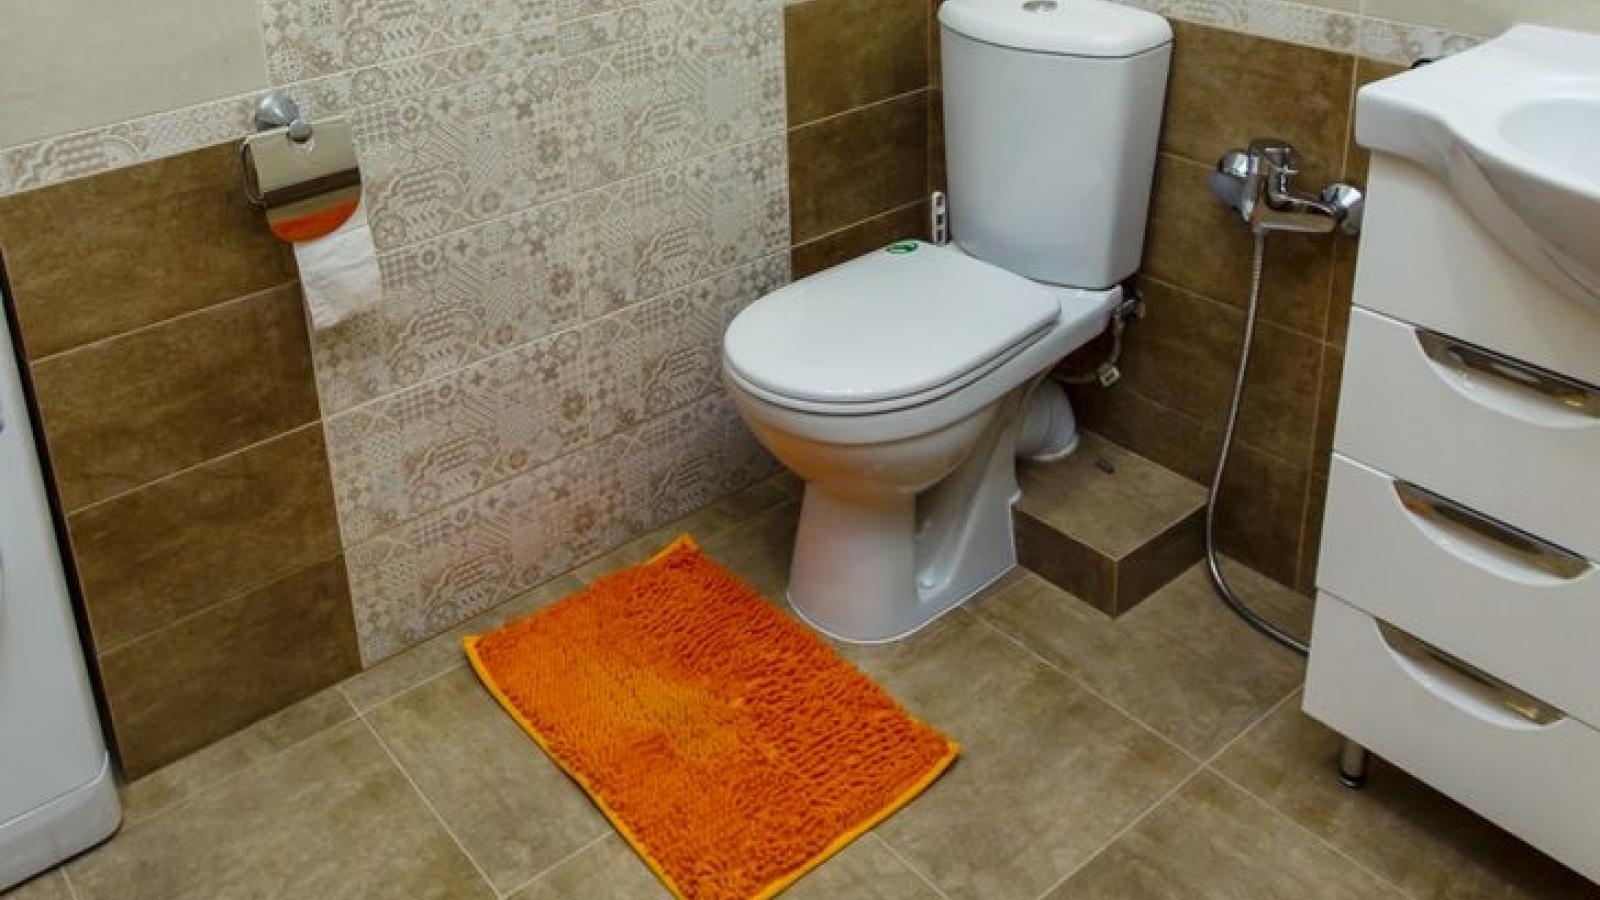 Những món đồ luôn khiến phòng tắm của bạn nhếch nhác, lộn xộn